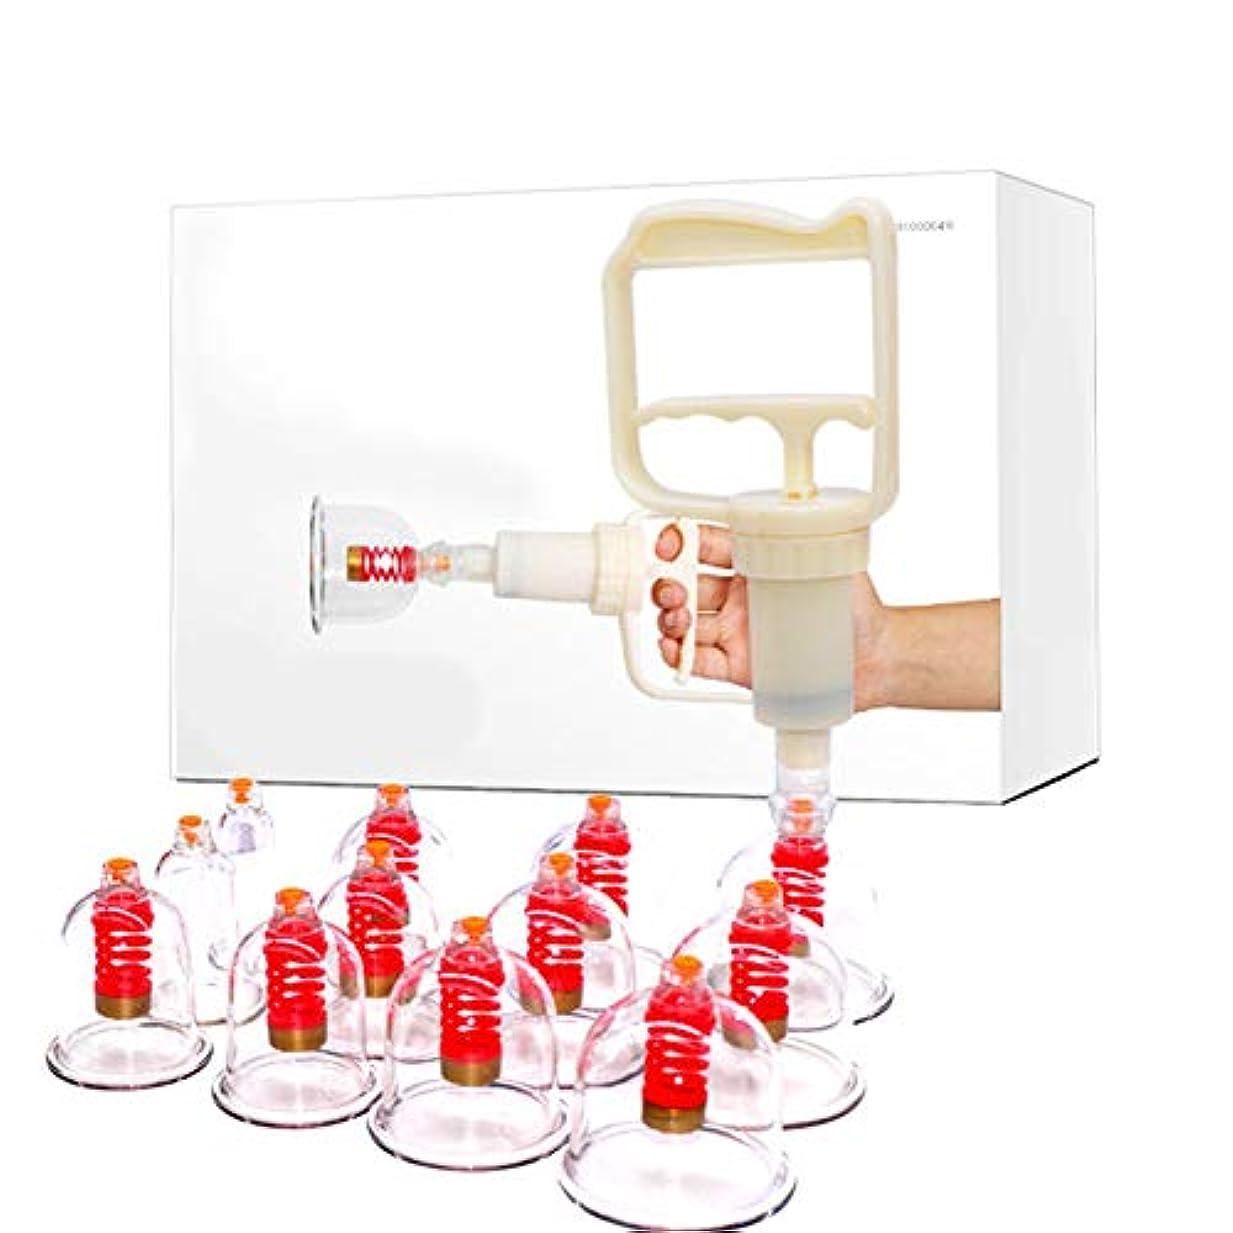 正午フェッチサーバント12カップカッピングセットプラスチック、真空吸引中国のツボ療法、在宅医療、筋肉関節痛、肩背部膝痛の軽減に最適